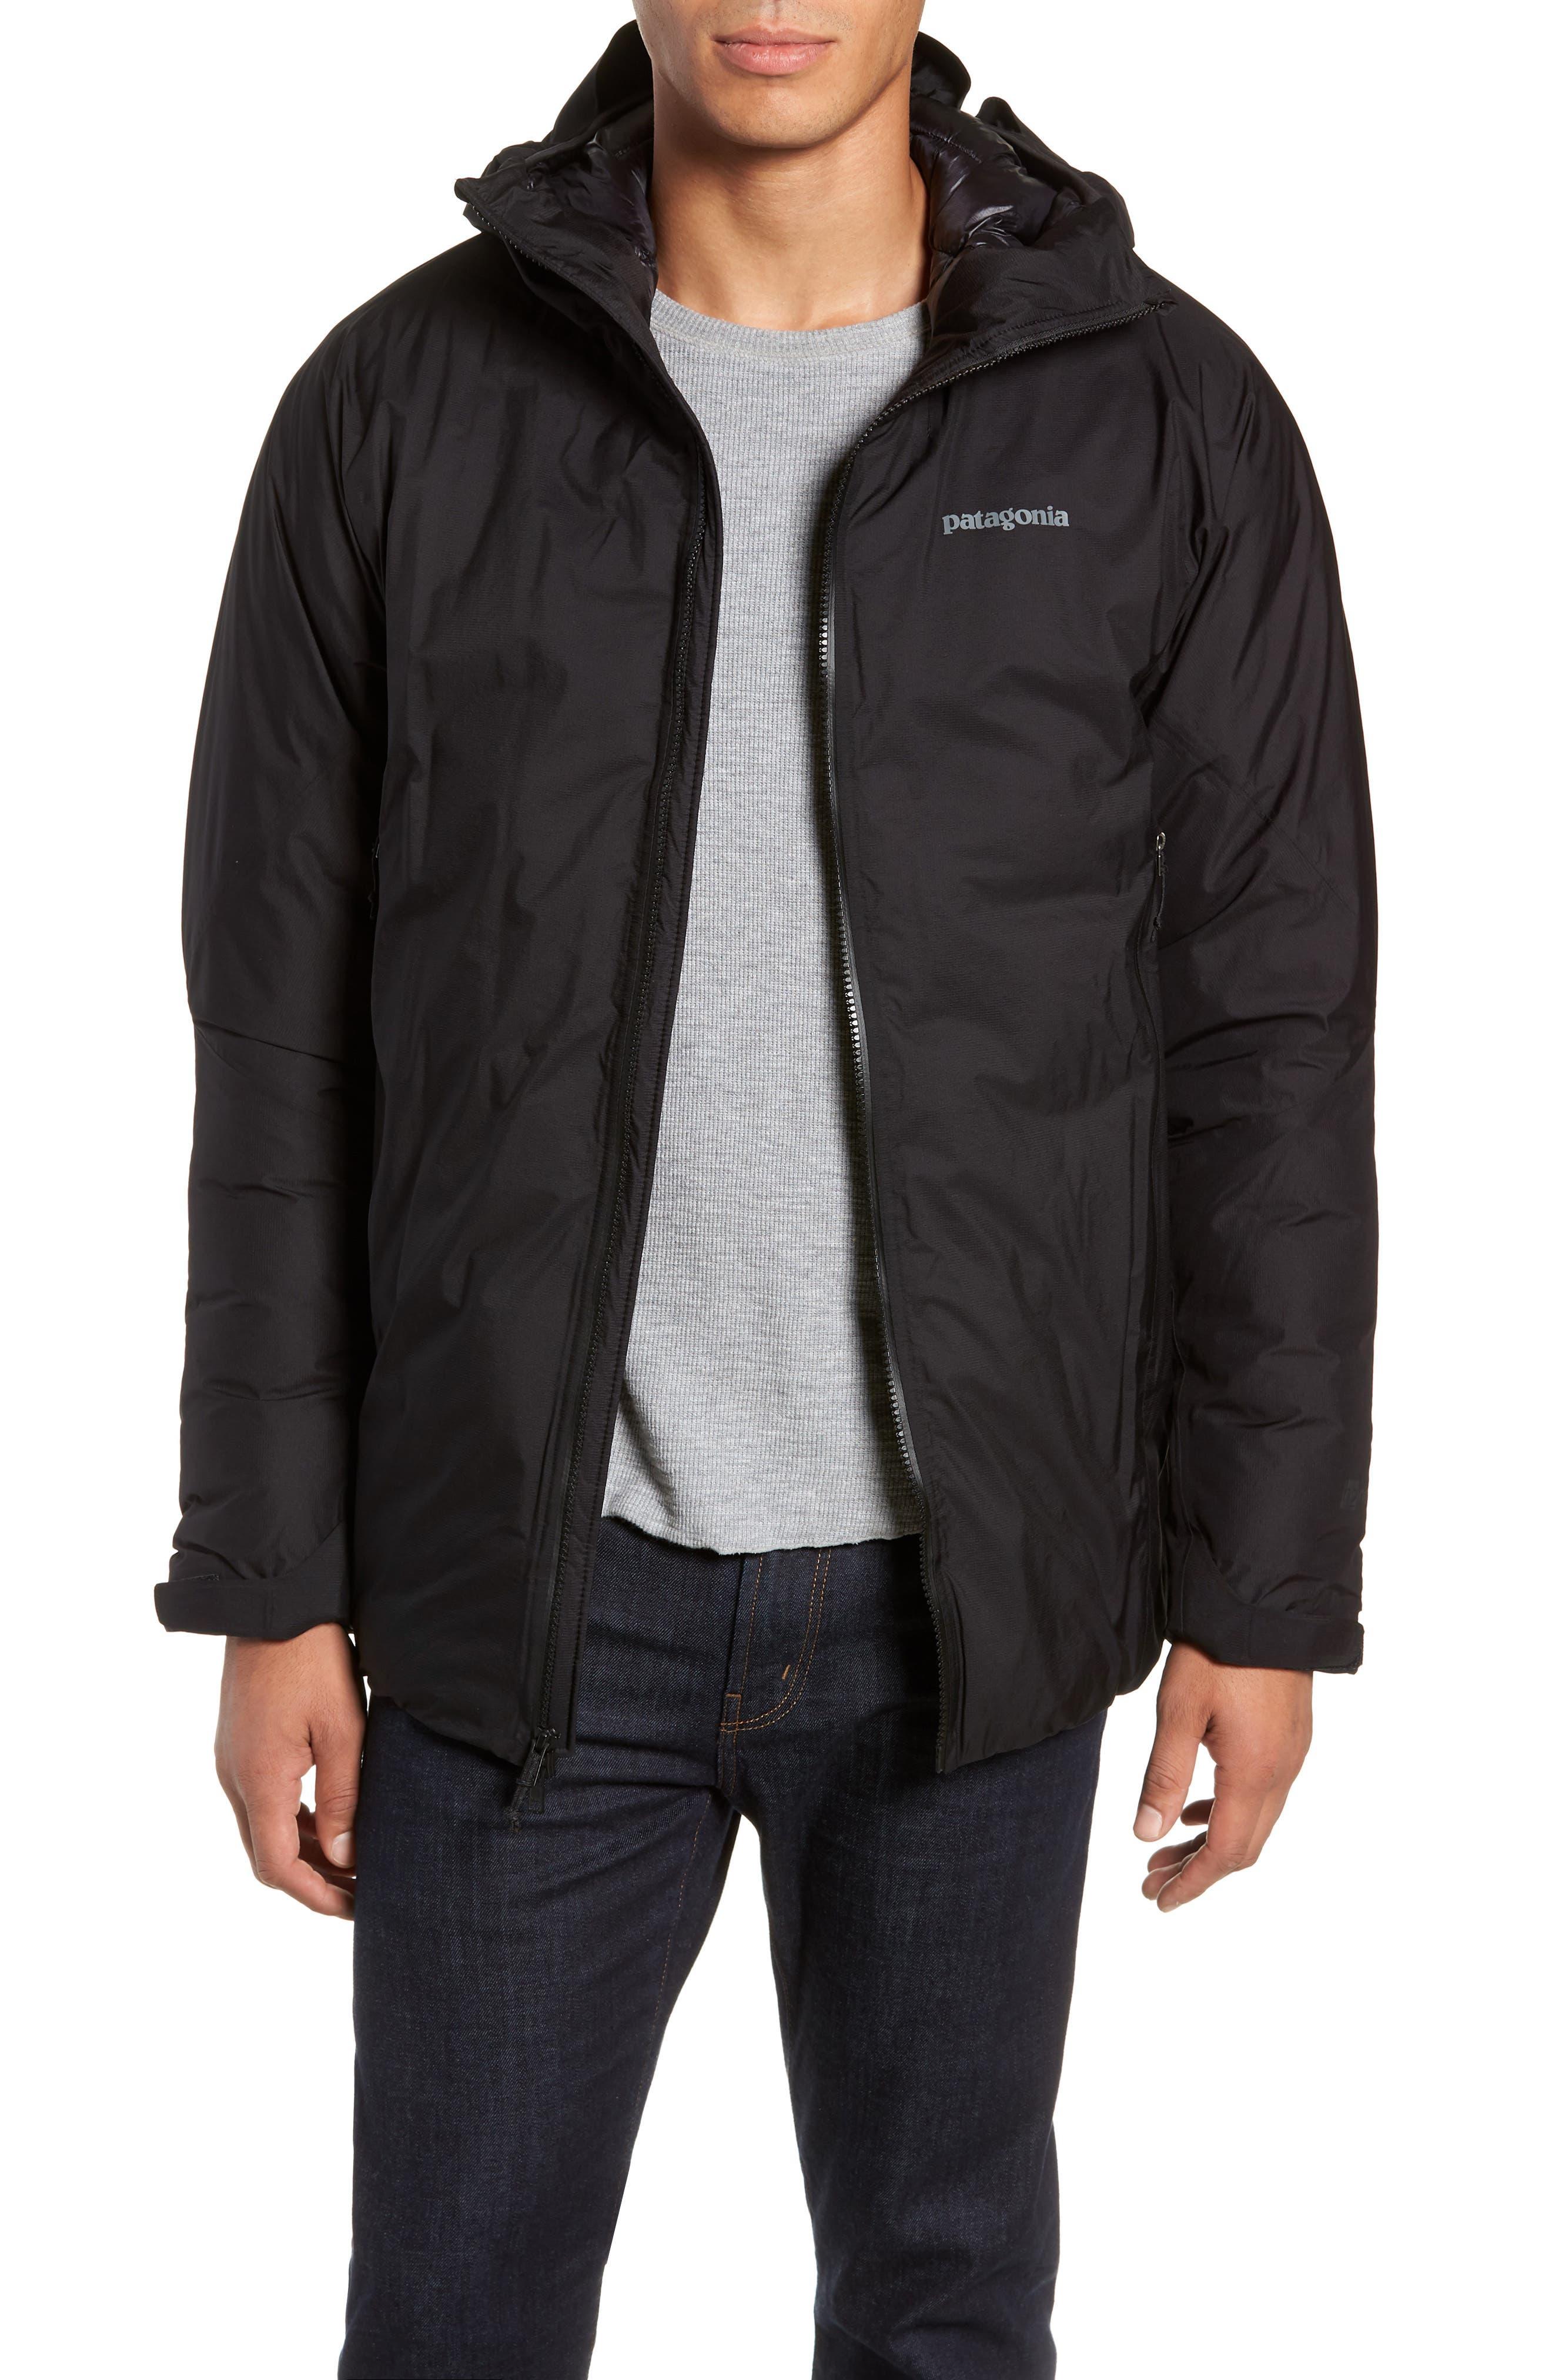 Patagonia Micro Puff Waterproof Storm Jacket